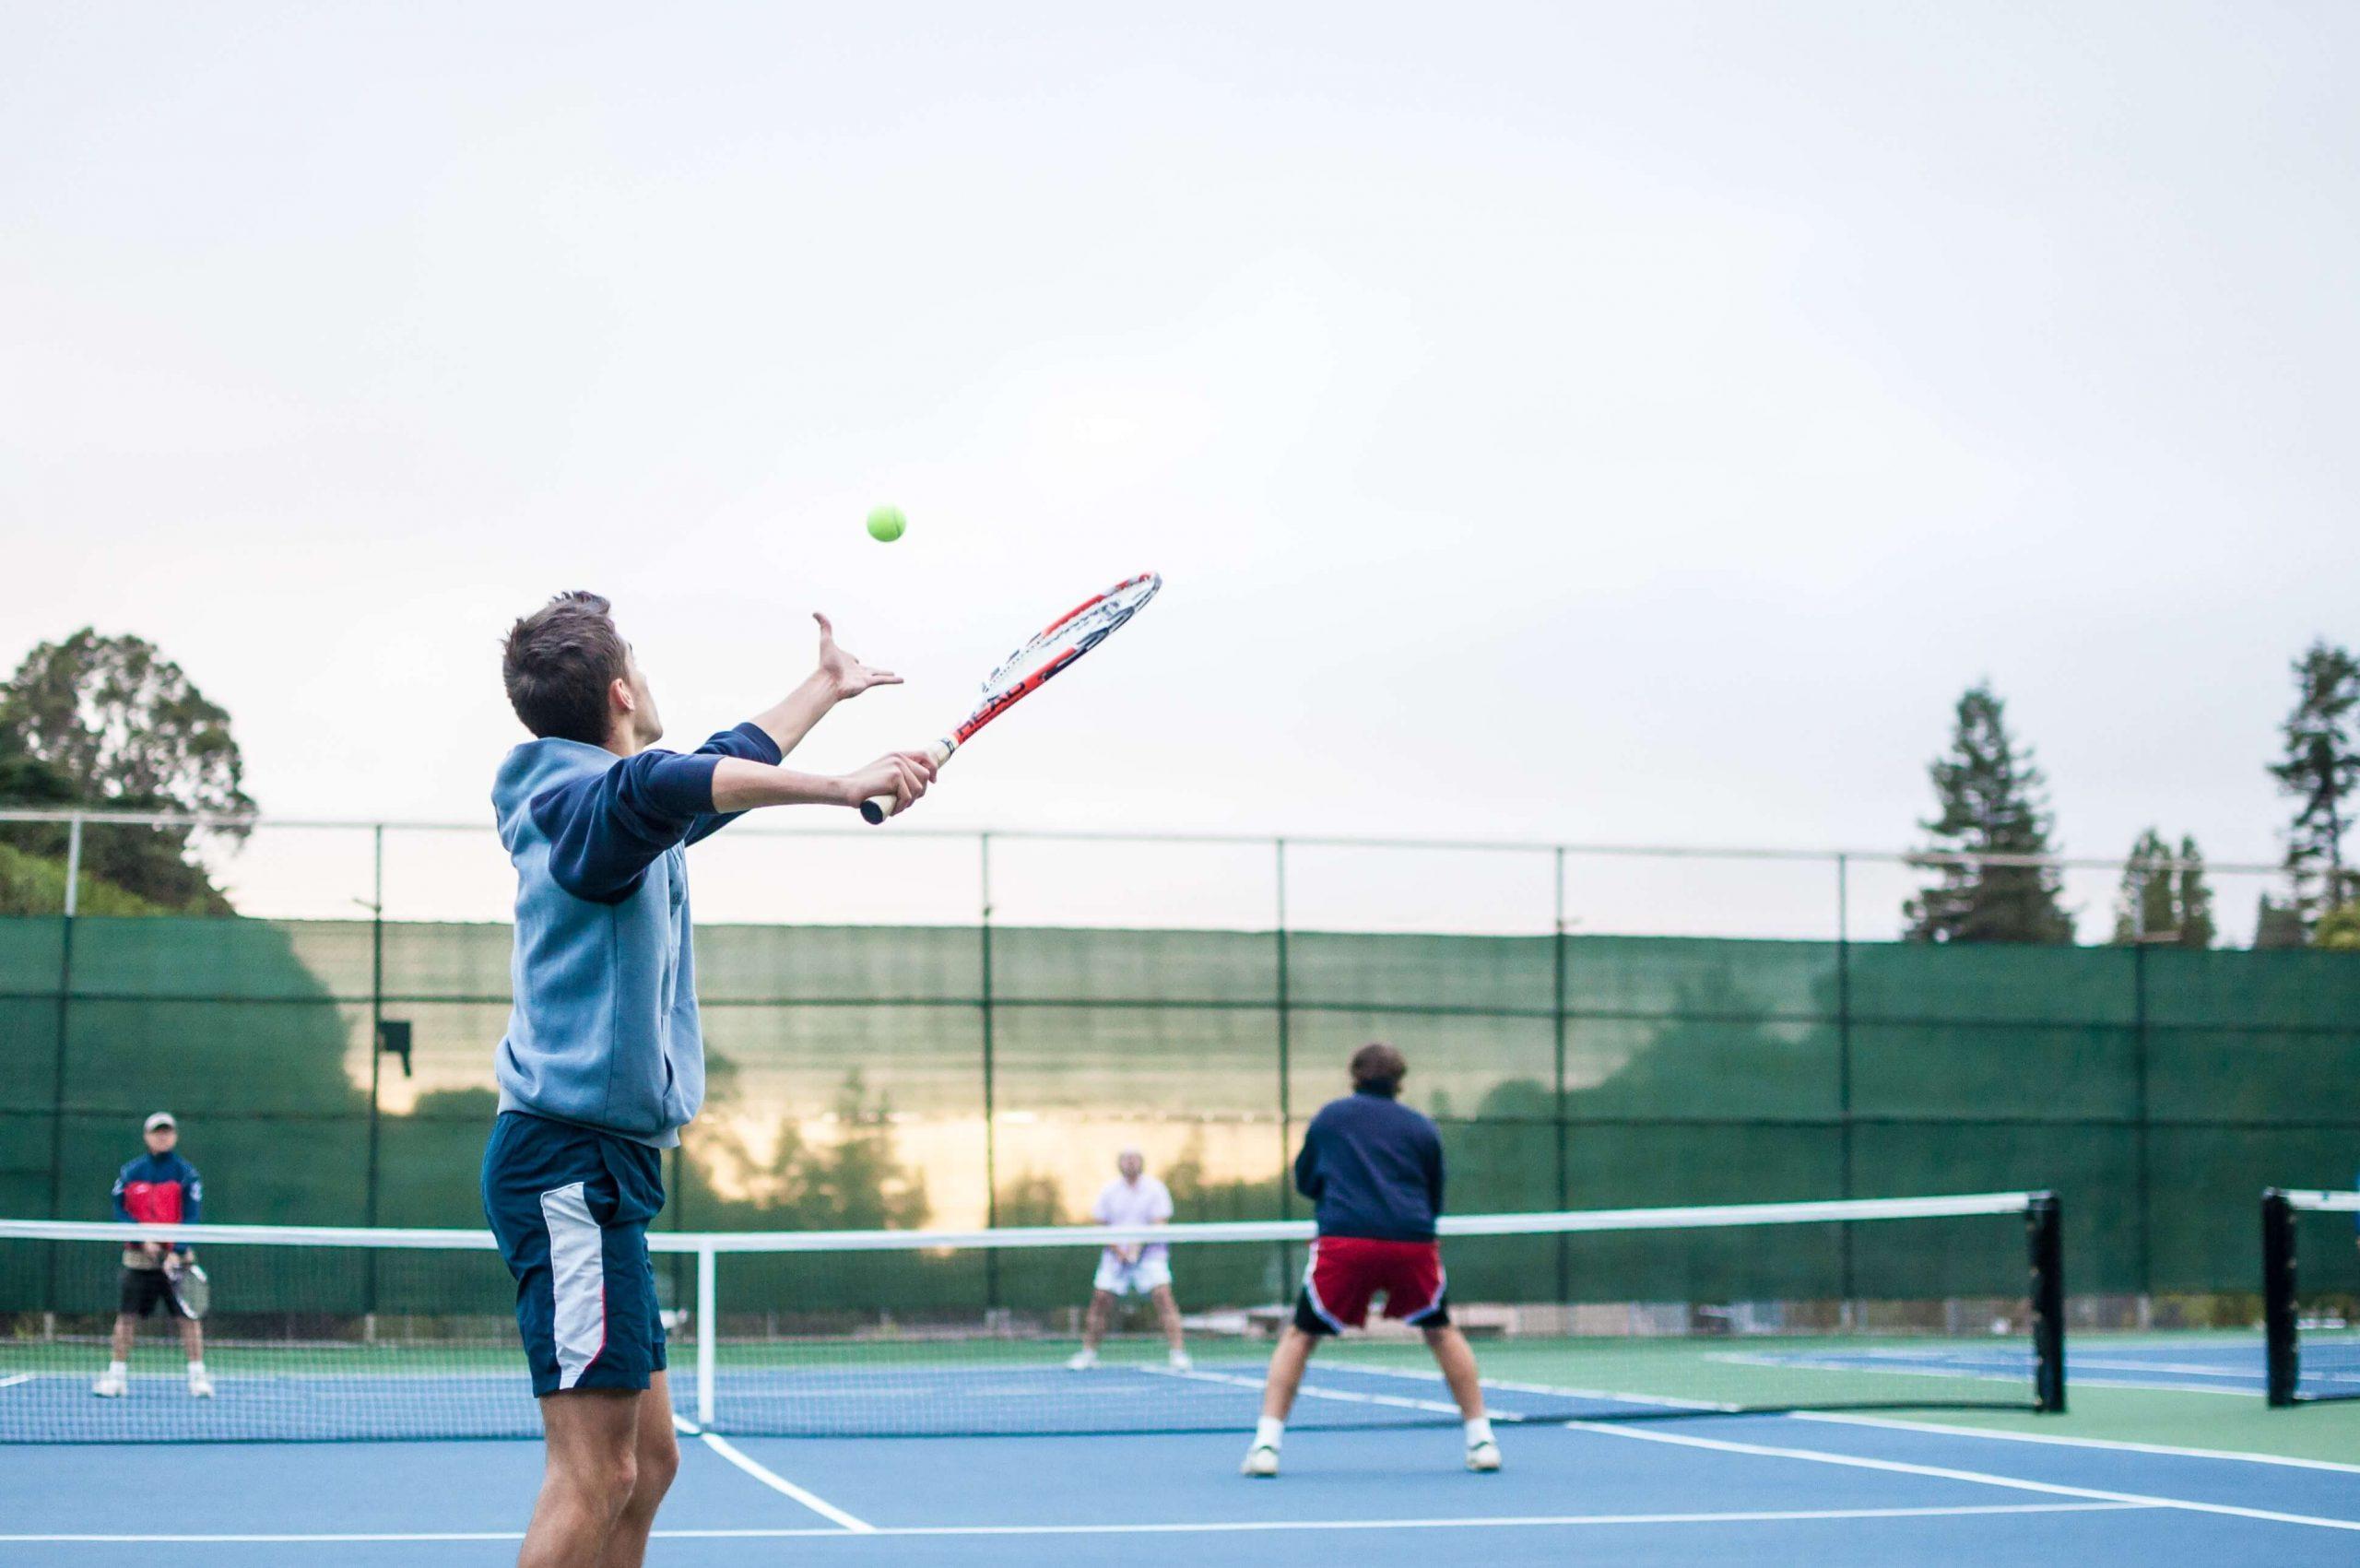 tennis serve テニスの落下地点予測